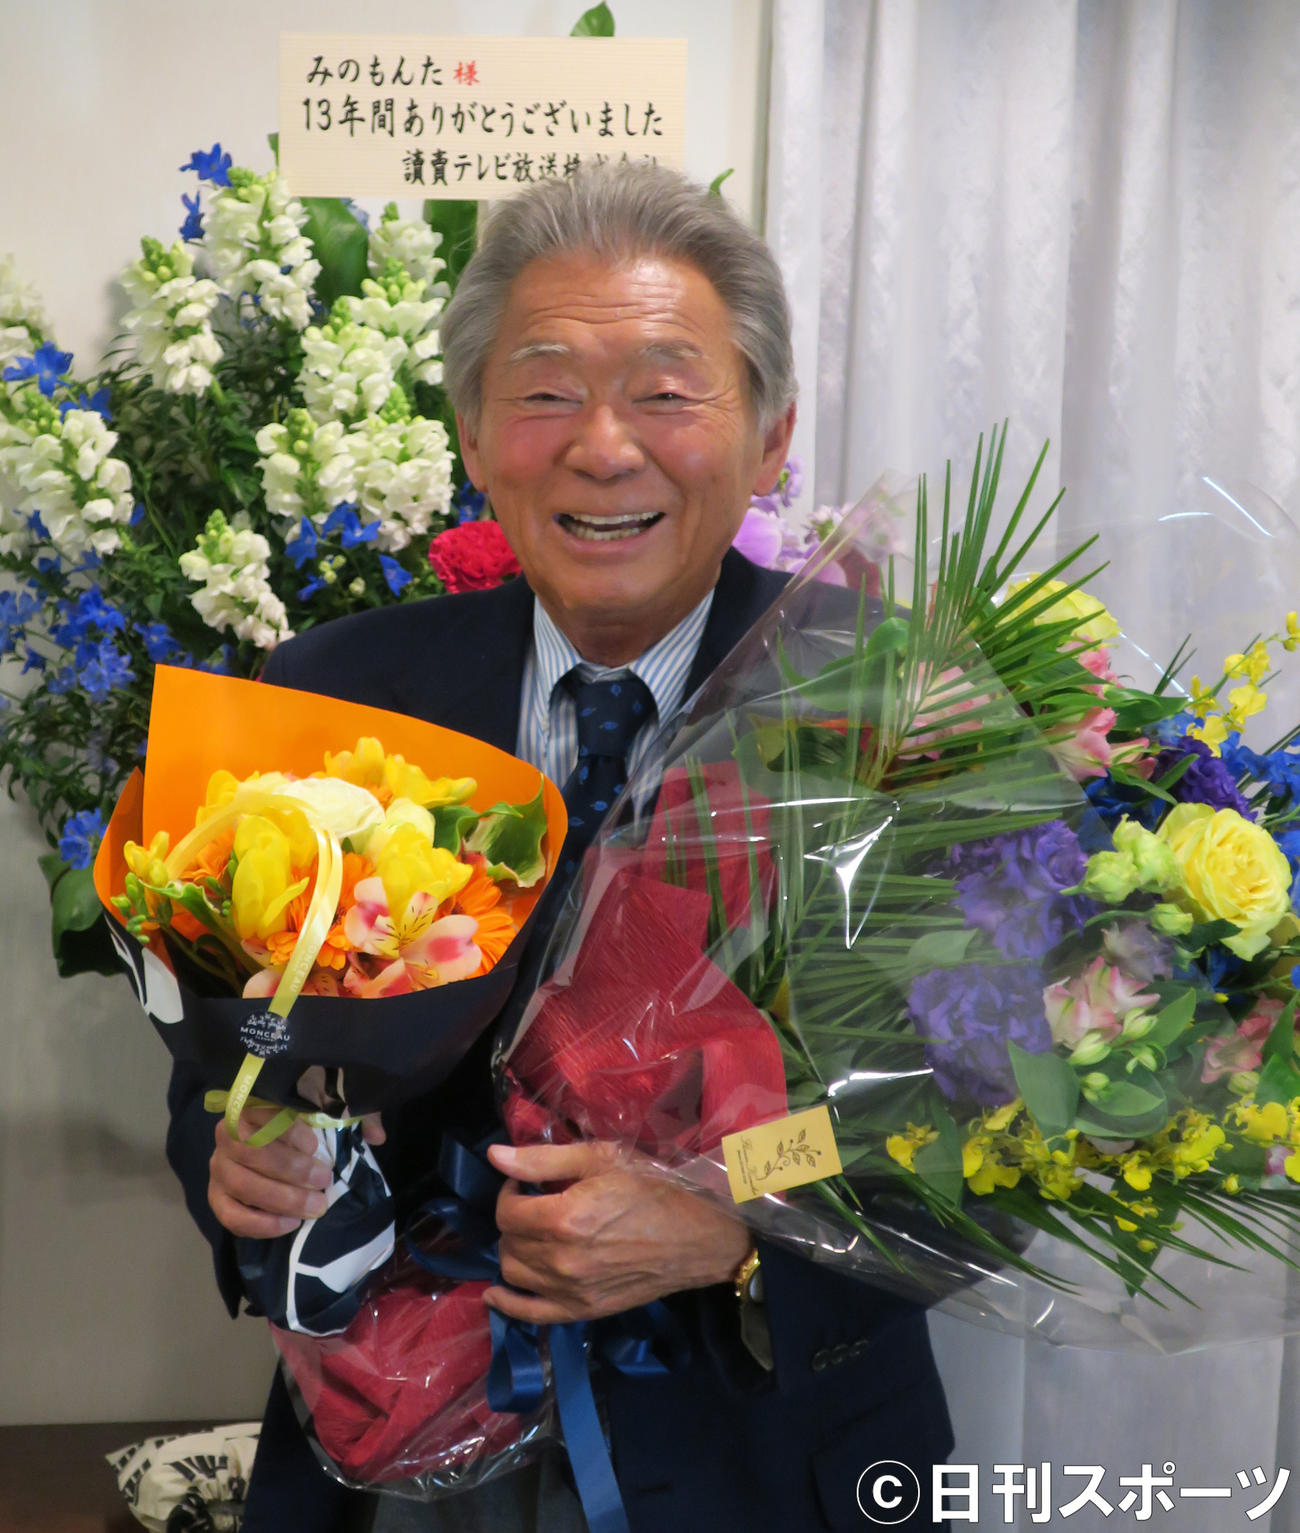 MCとして日本テレビ系「秘密のケンミンSHOW」の最後の収録を終え、笑顔を見せるみのもんた